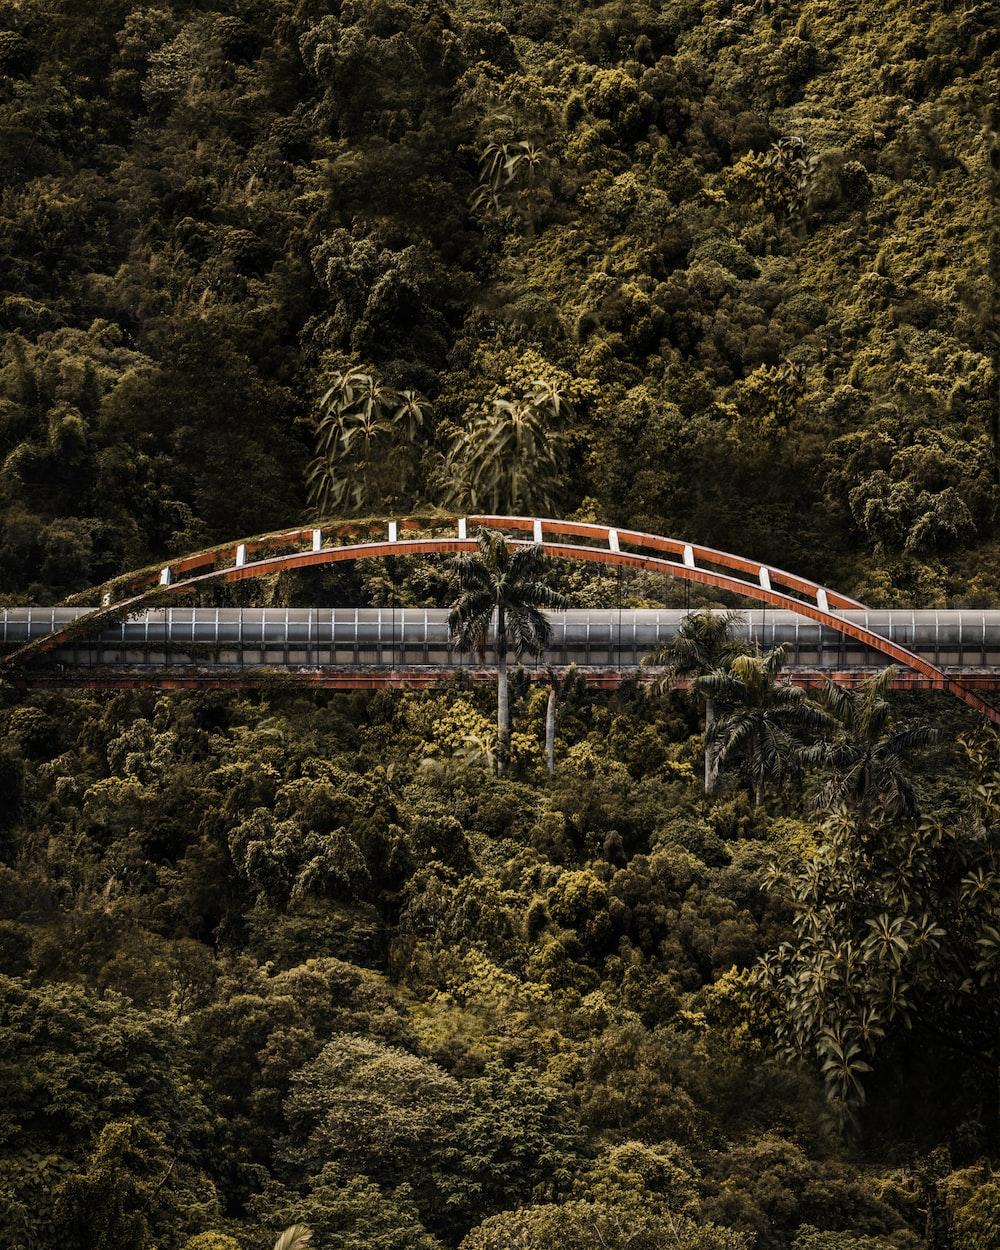 orange and gray bridge over trees